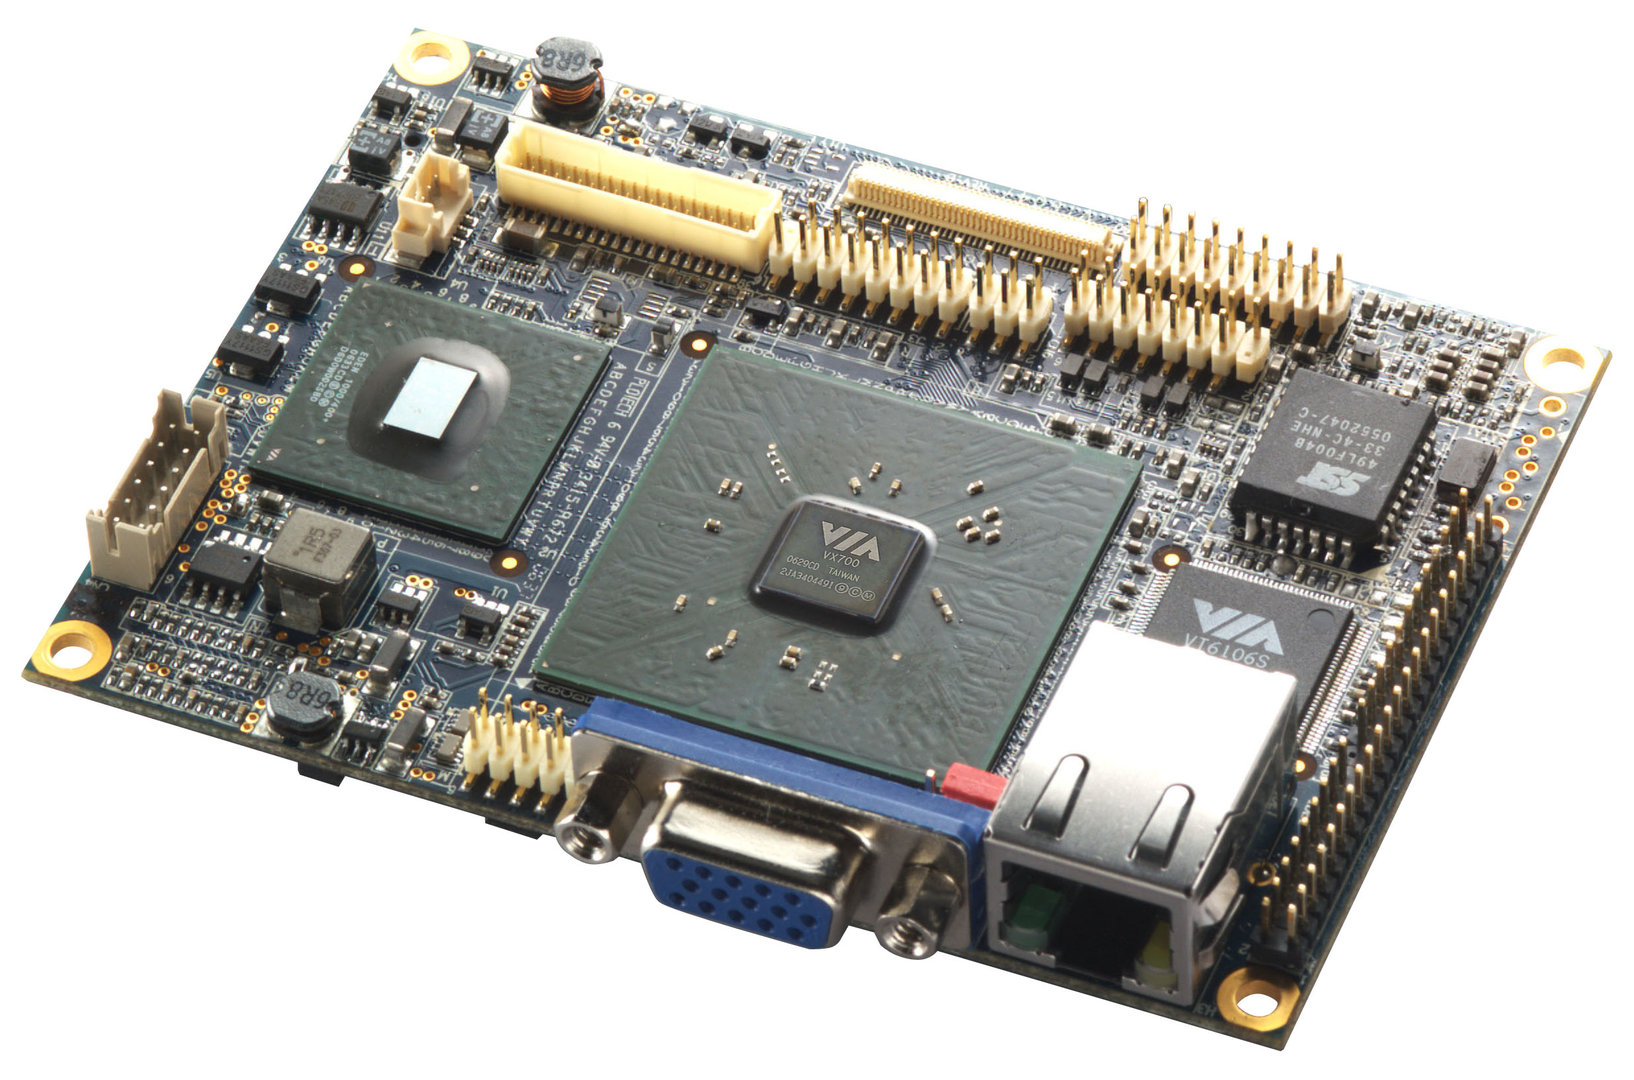 VIA VT6047 Pico-ITX Referenzdesign